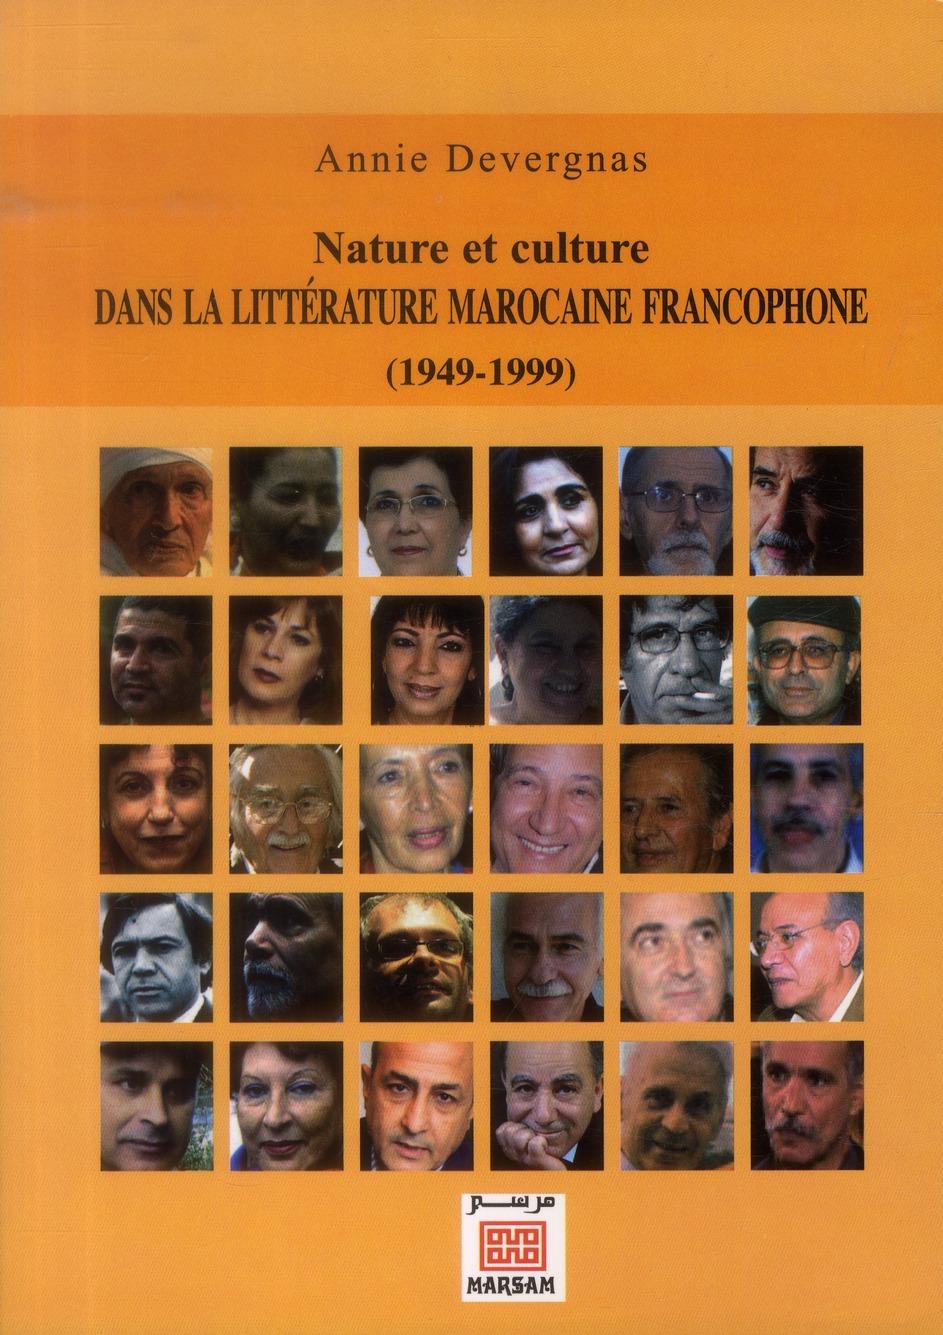 NATURE ET CULTURE DANS LA LITTERATURE MAROCAINE FRANCOPHONE (1949-1999)